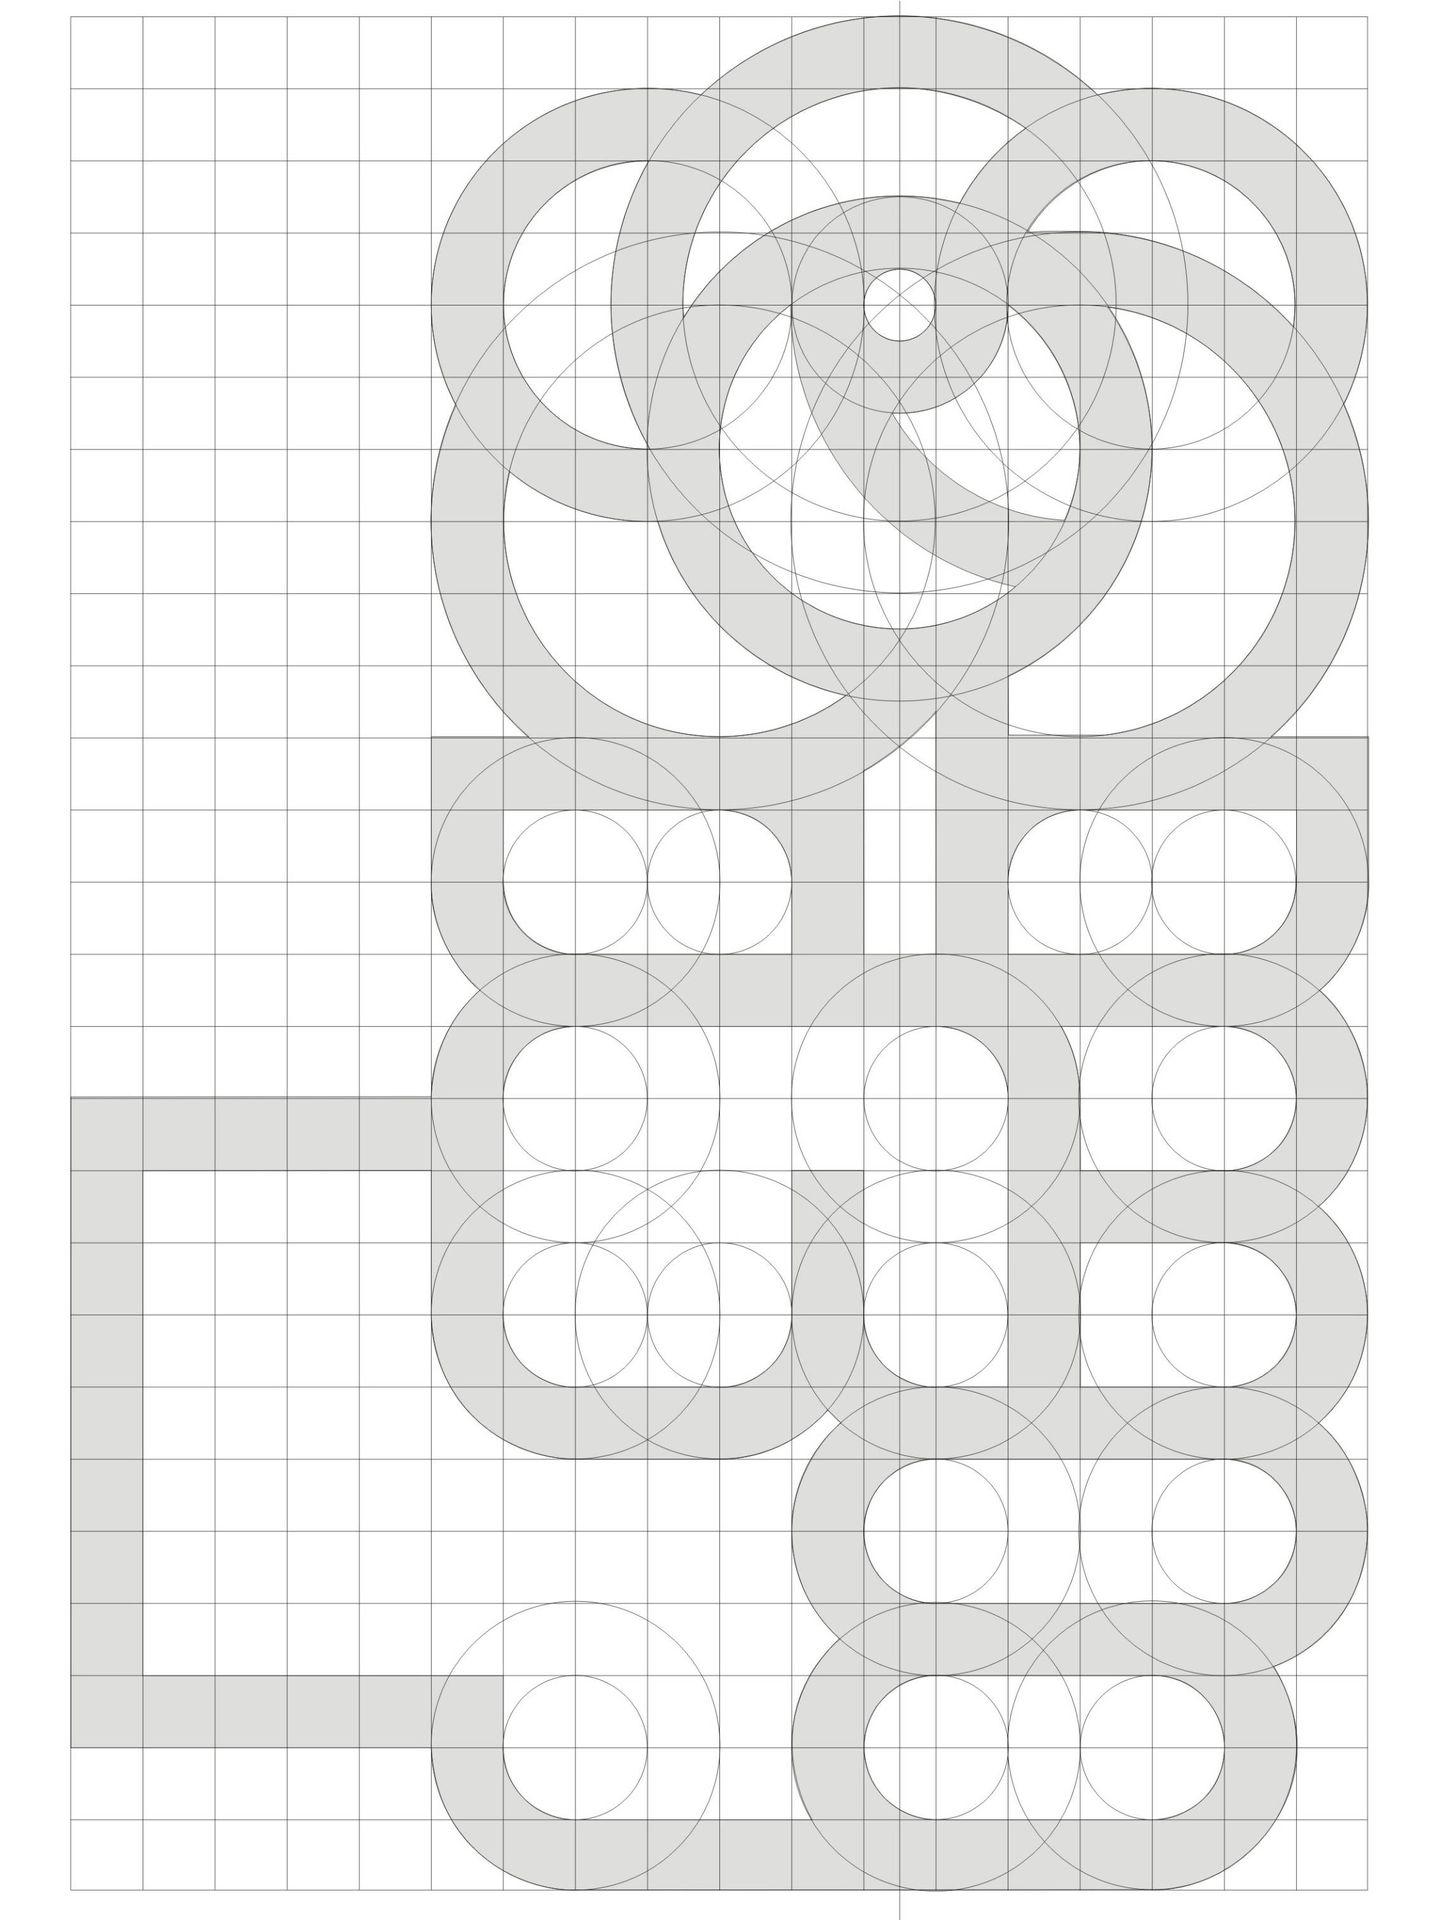 El logo del PSOE, en construcción. (Estudio Cruz más Cruz)